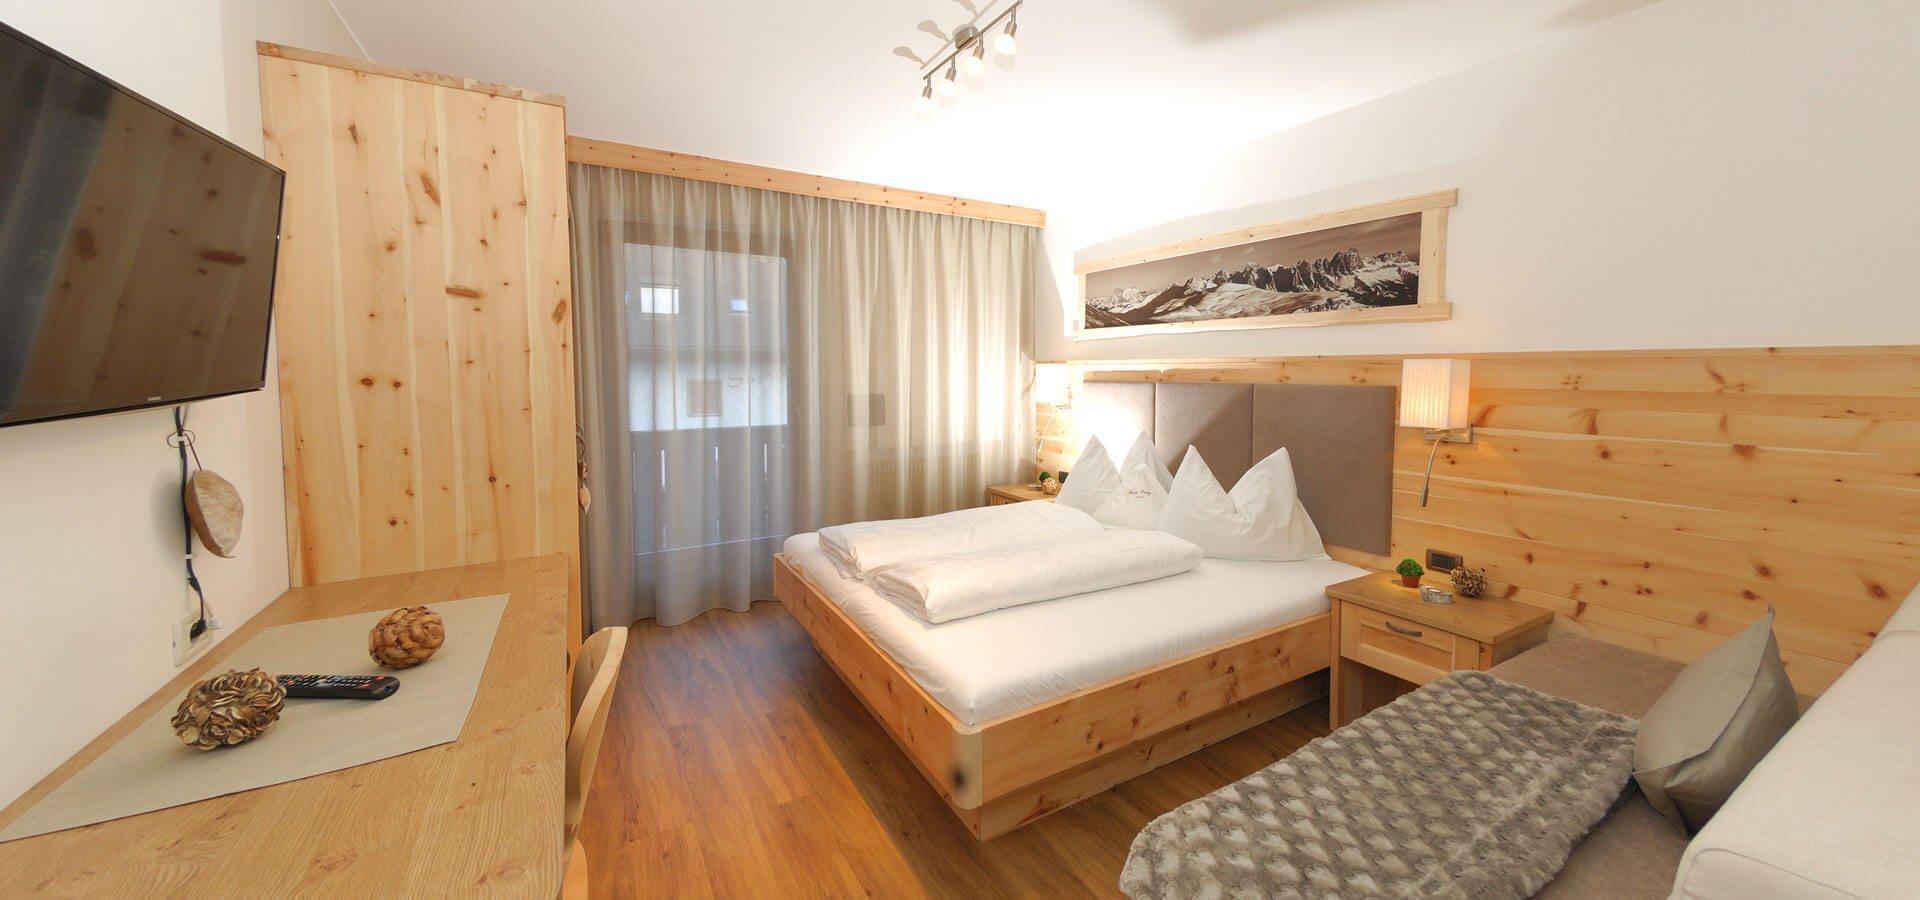 hotel-savoy-kastelruth-dolomiten-suedtirol